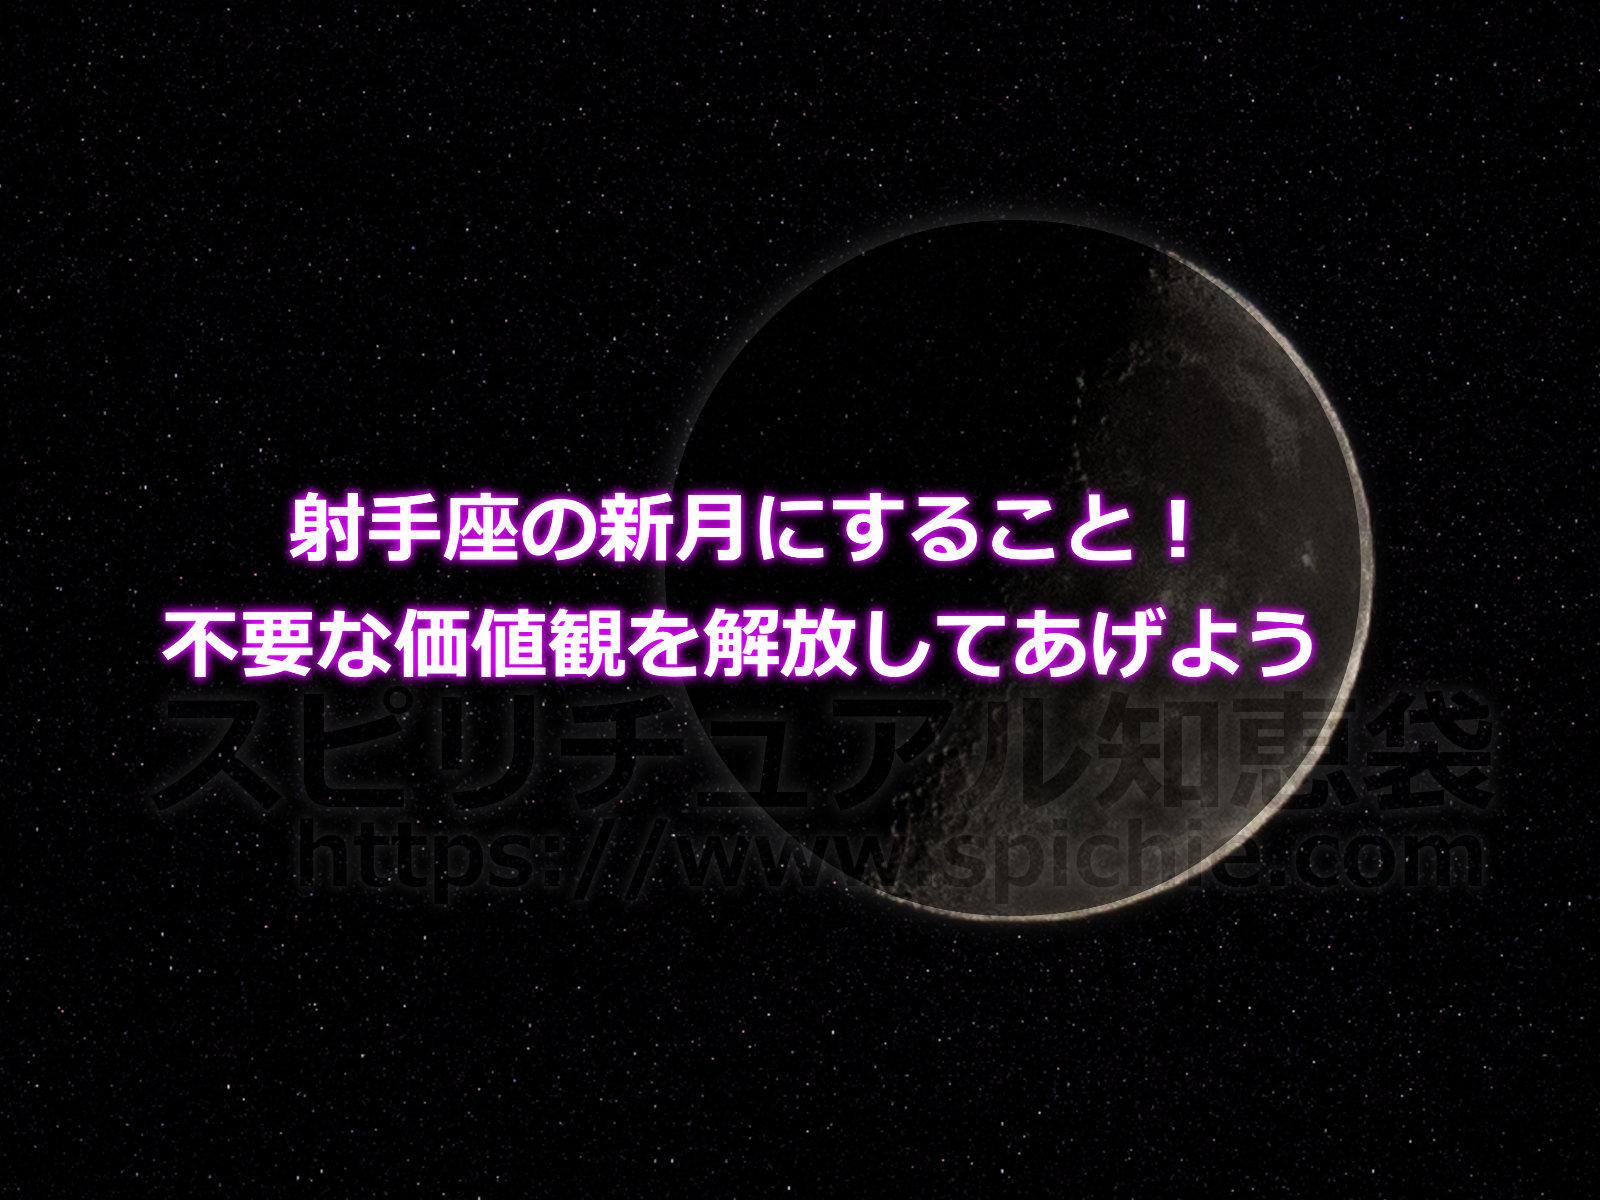 射手座の新月にすること!不要な価値観を解放してあげようのアイキャッチ画像